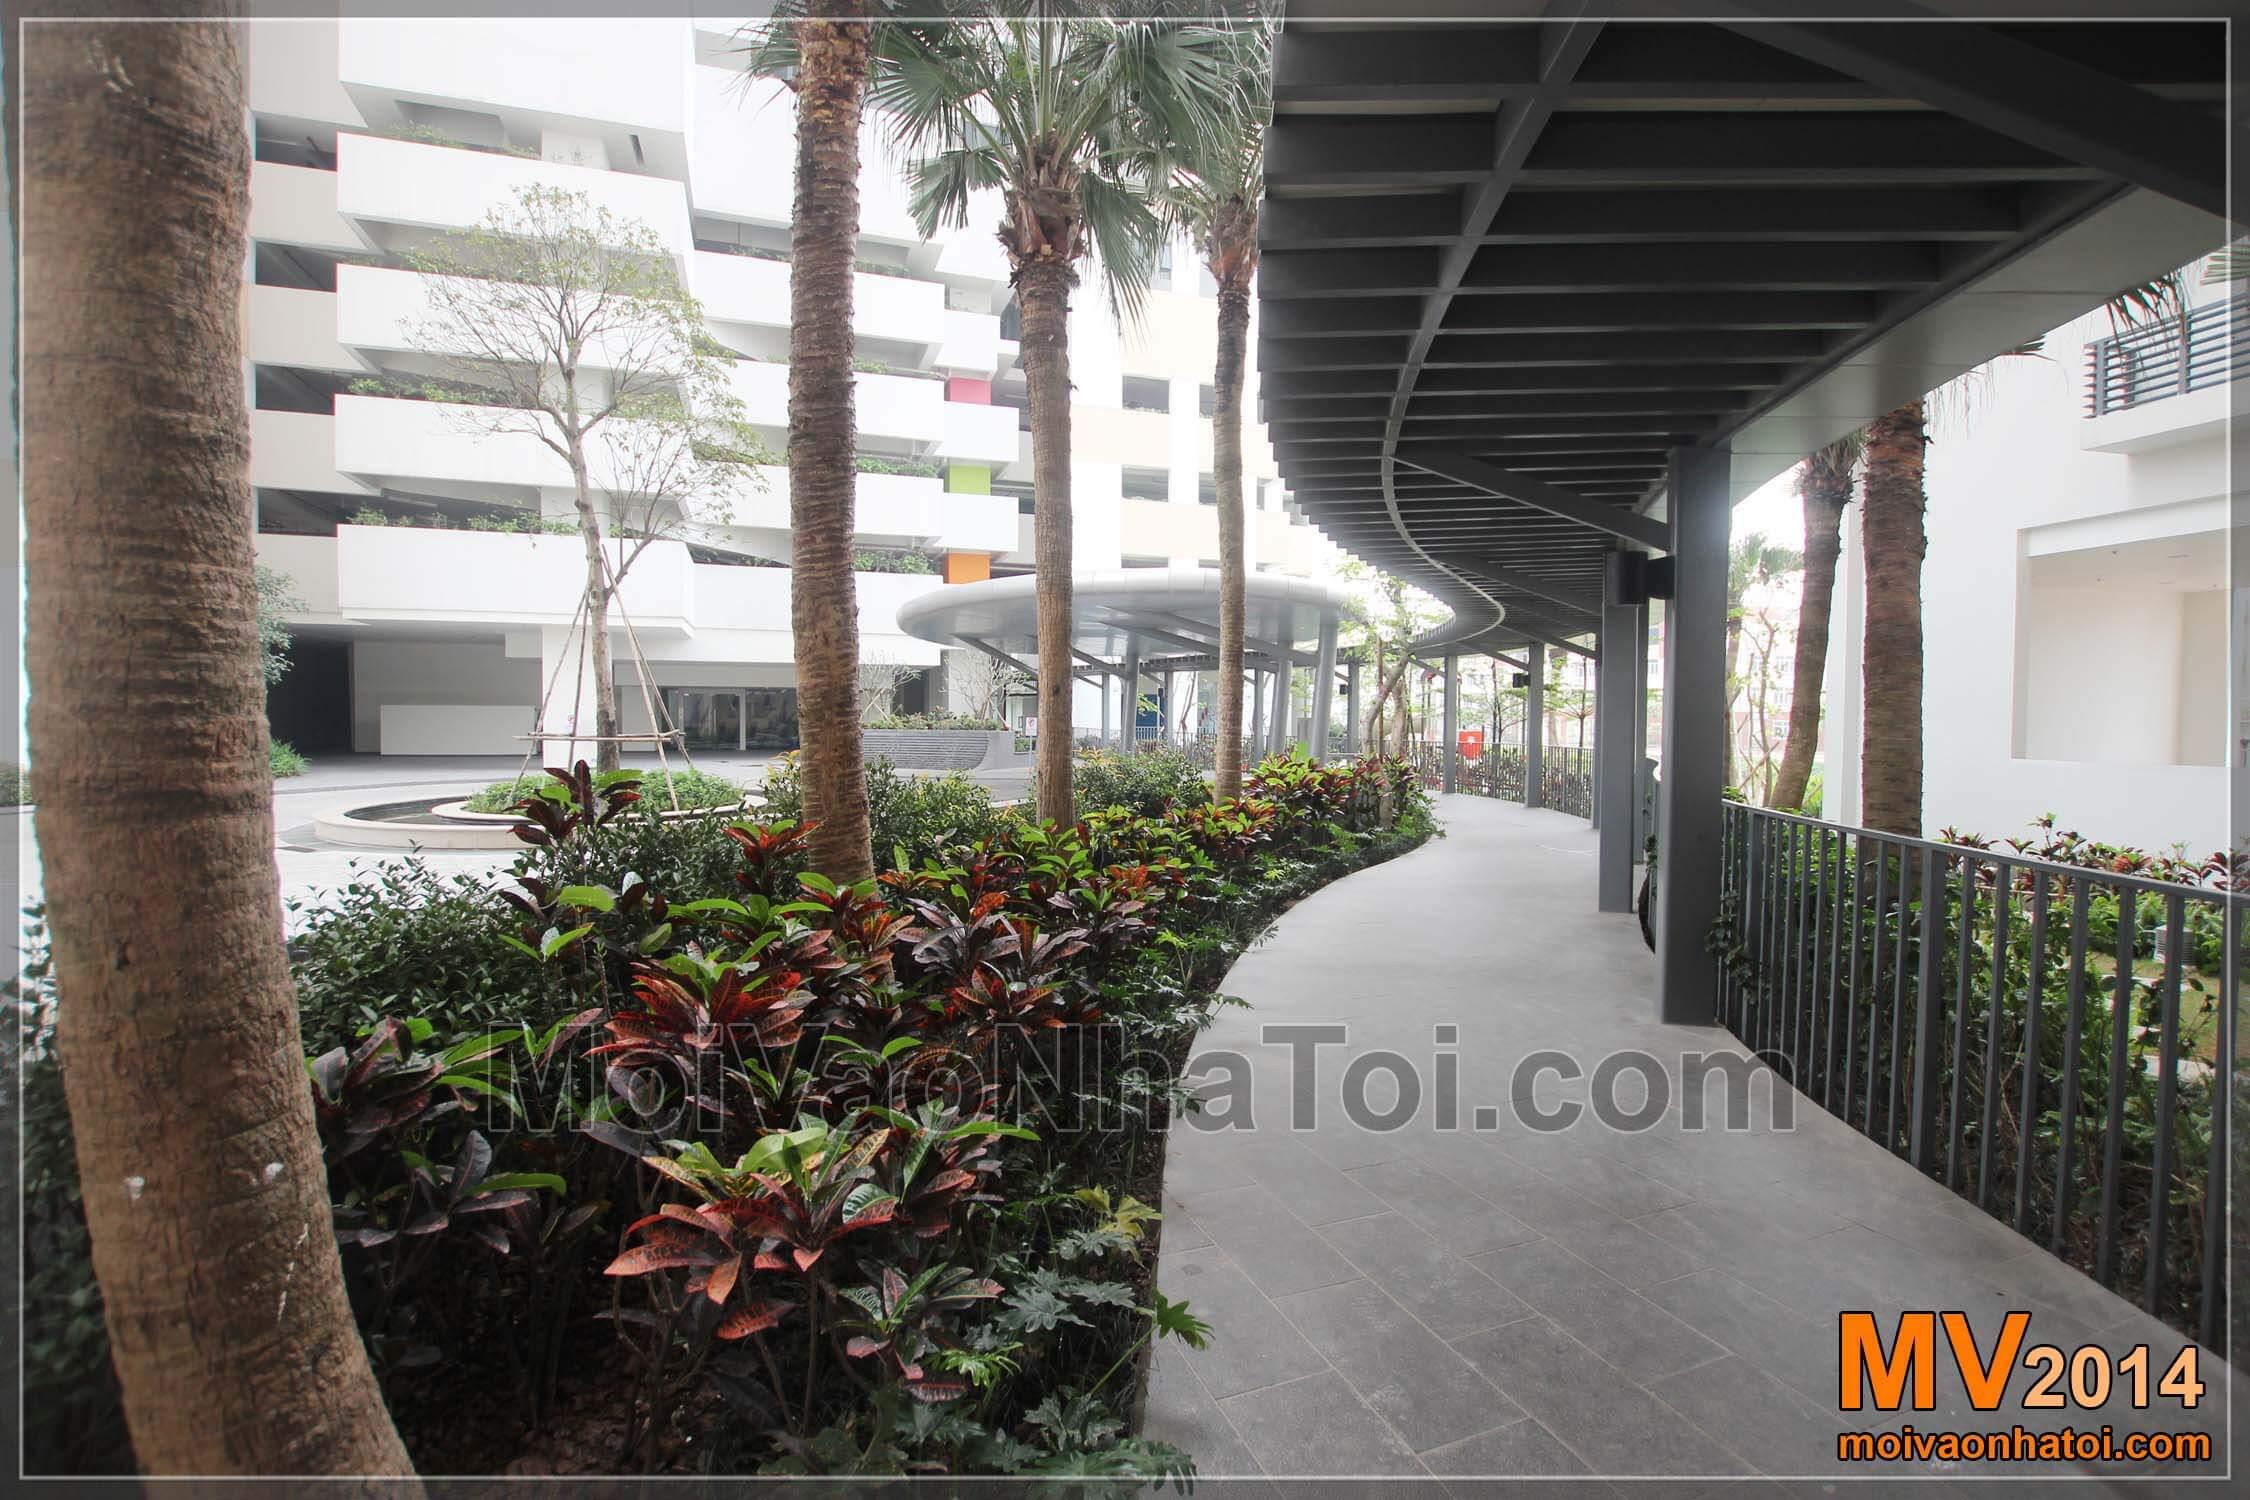 Lối đi dạo trong khuôn viên Mulberry lane